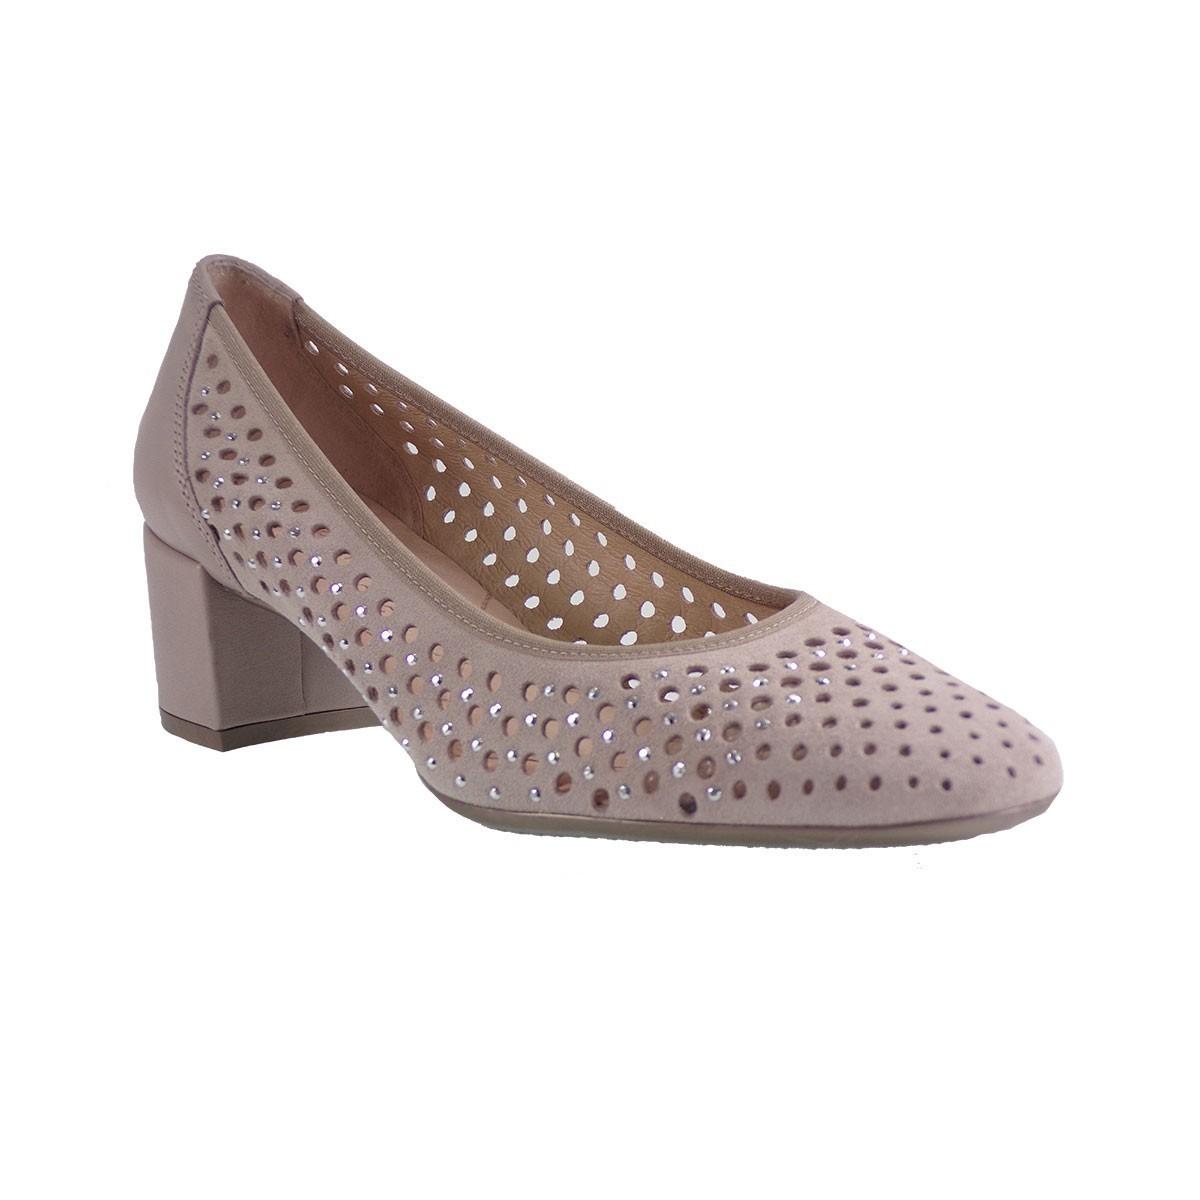 916d9c1f980 Hispanitas Γυναικεία Παπούτσια Γόβα HV87035 Nude Δέρμα |Γυναικεία & Ανδρικά  Παπούτσια - BagiotaShoes.gr